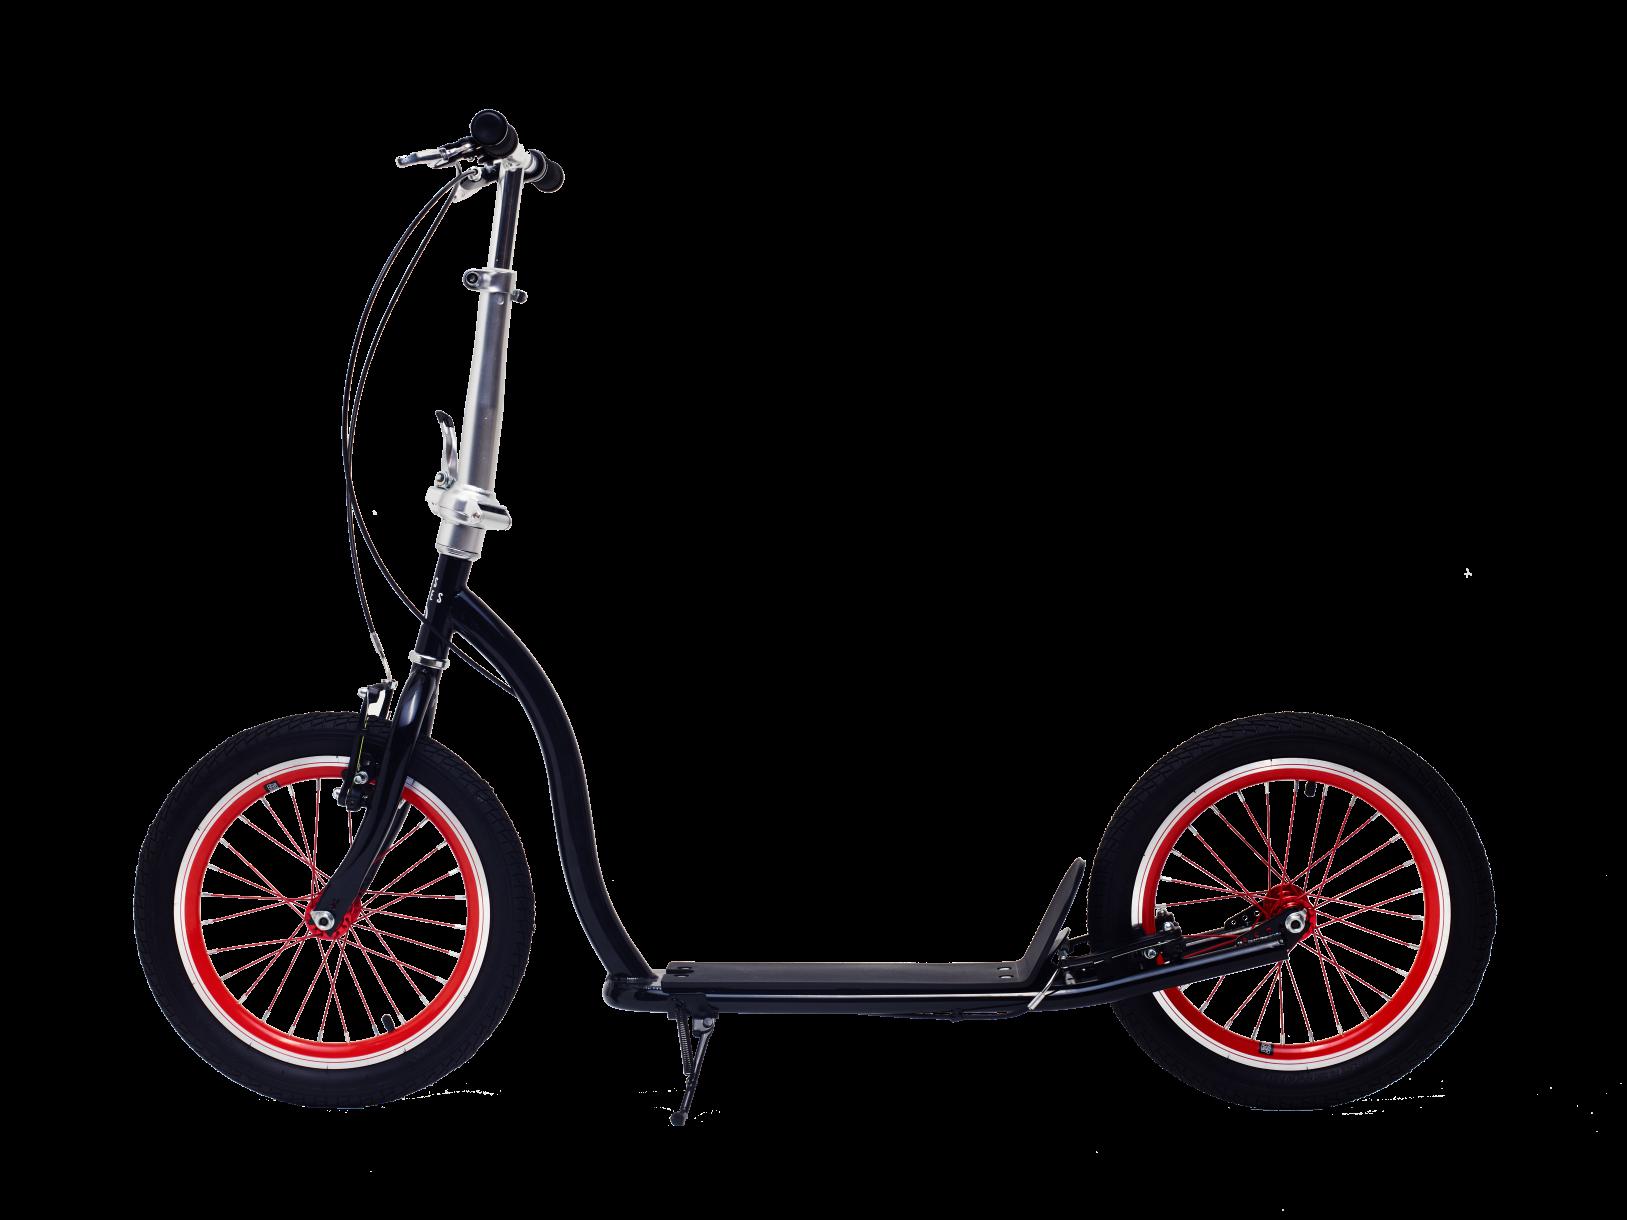 Pin Pa Oss Bikes Urban Kick Bikes